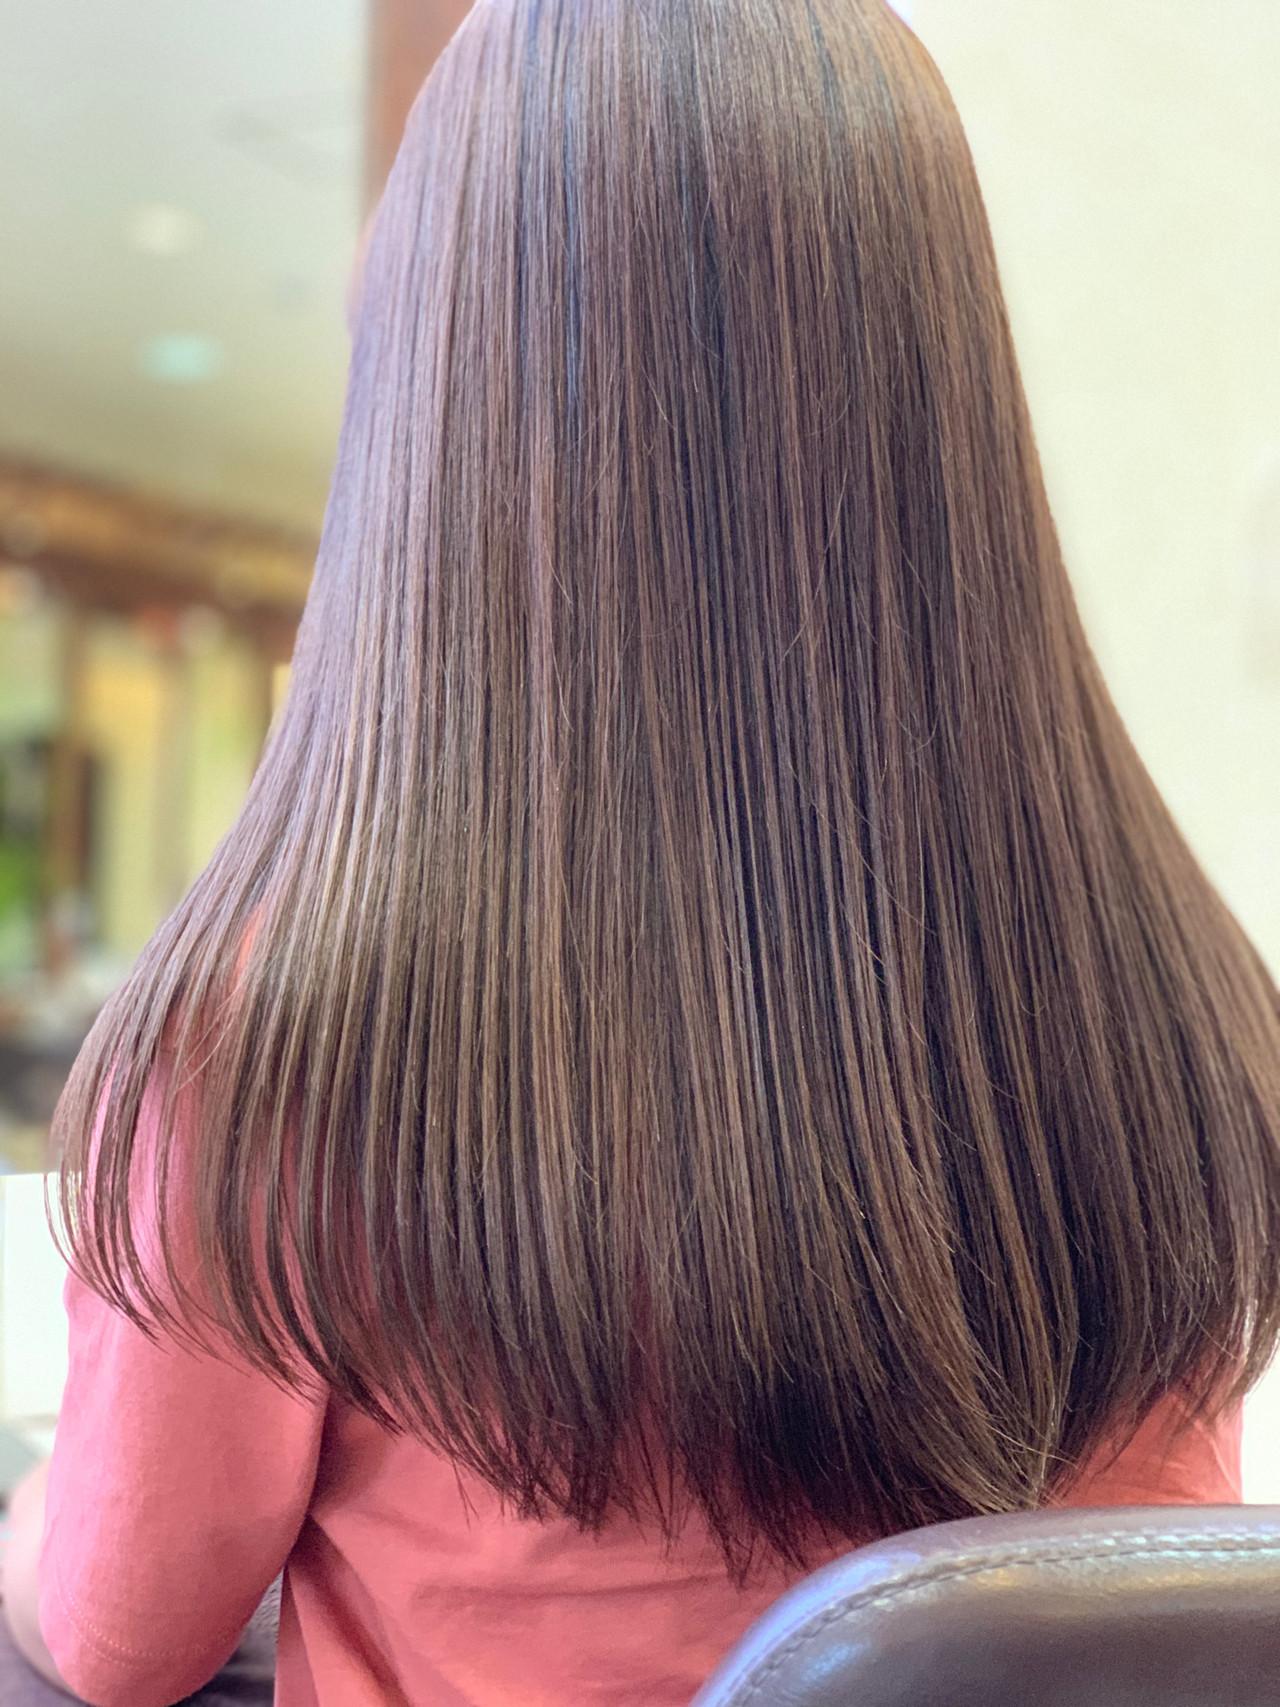 大人ハイライト ロング ブランジュ ローライト ヘアスタイルや髪型の写真・画像